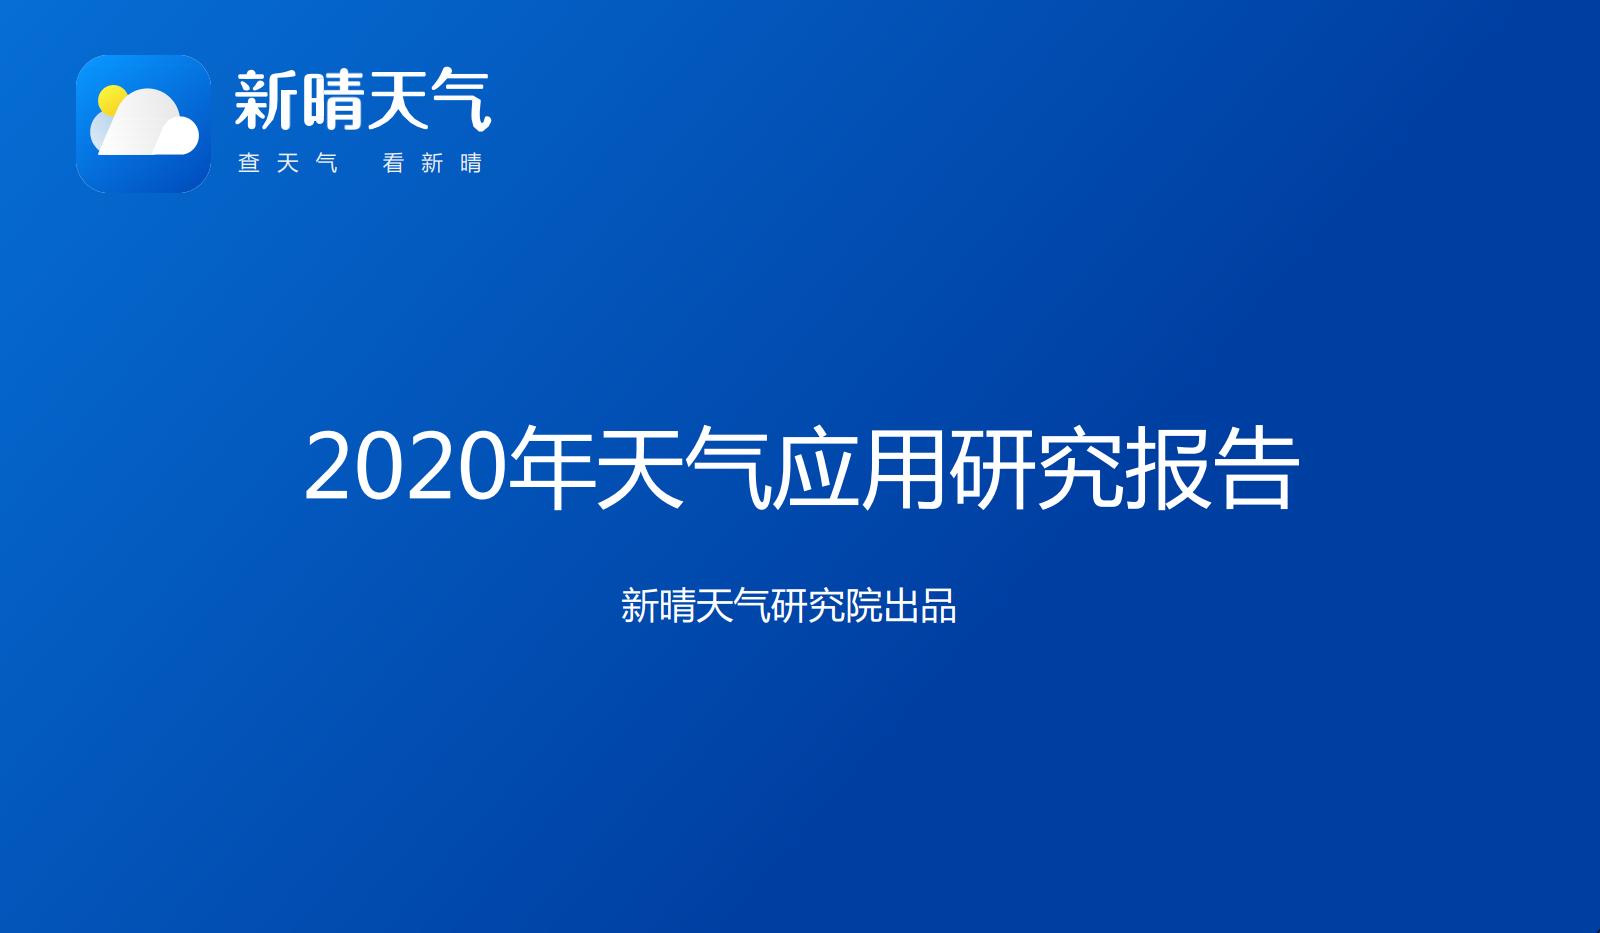 新晴天气:2020年天气应用研究报告